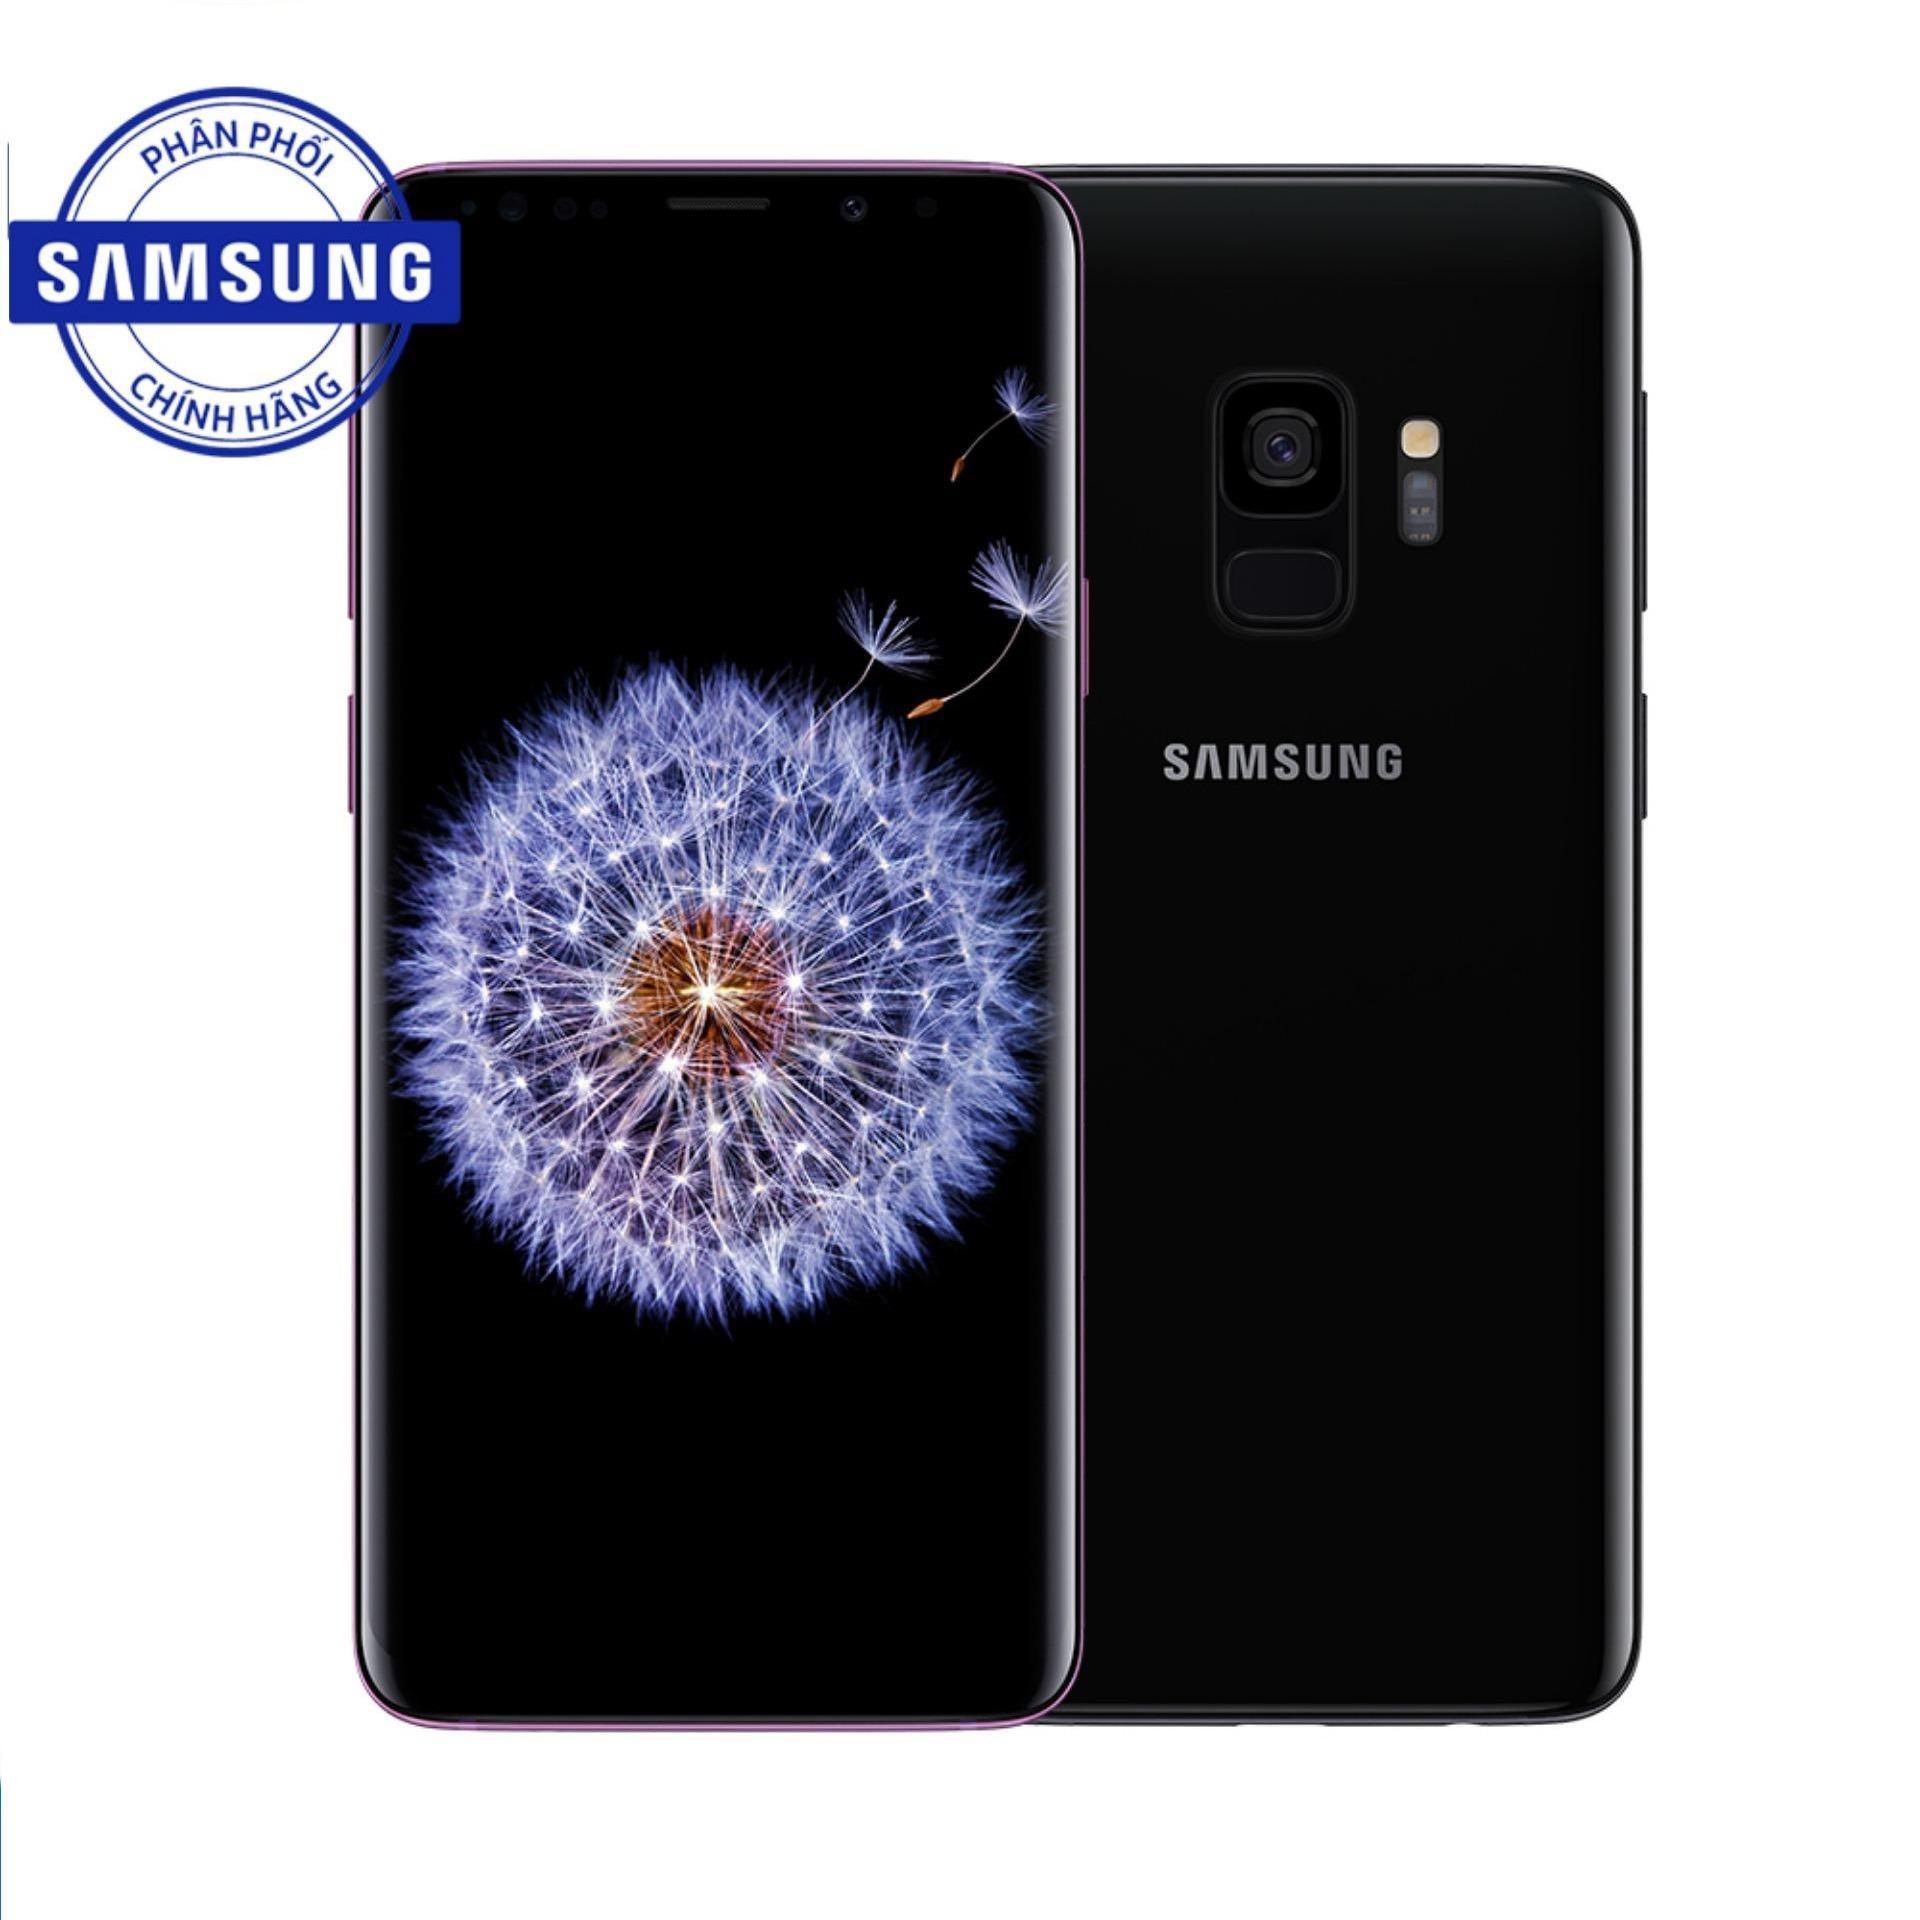 Bảng Giá Samsung Galaxy S9 64GB Ram 4GB (Đen huyền Bí) – Hãng Phân phối chính thức Tại Samsung